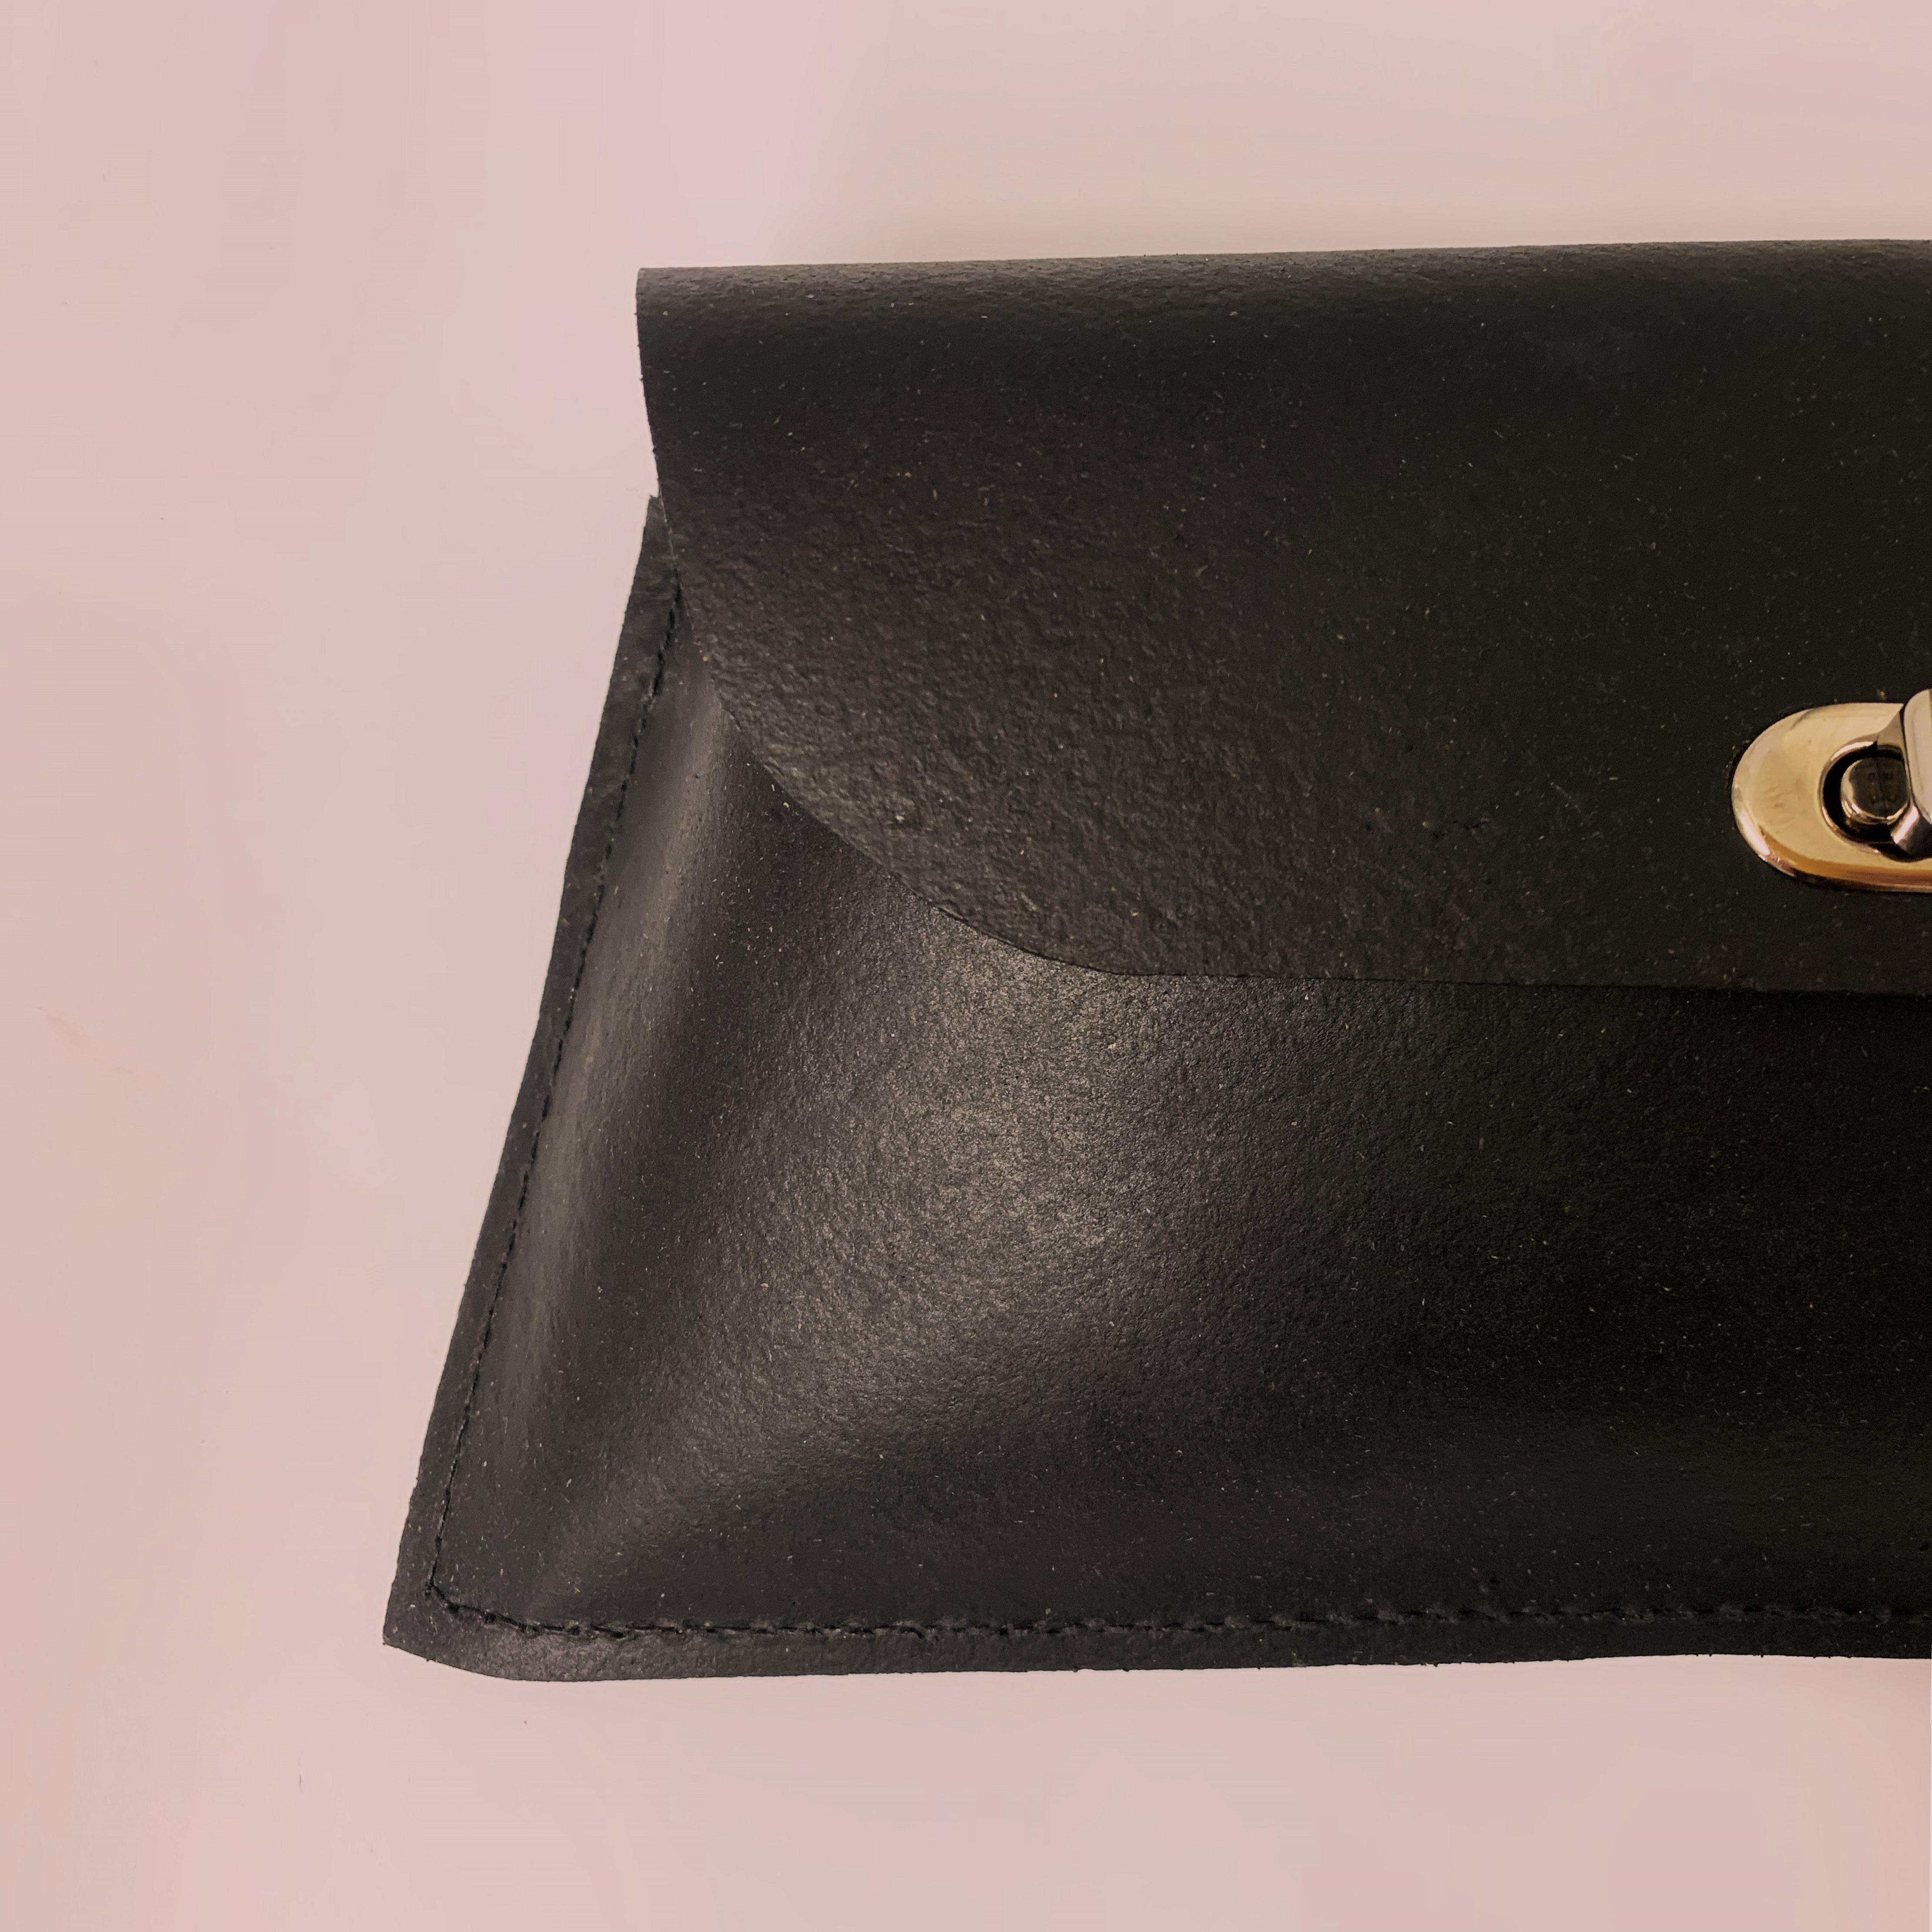 Bag closeup